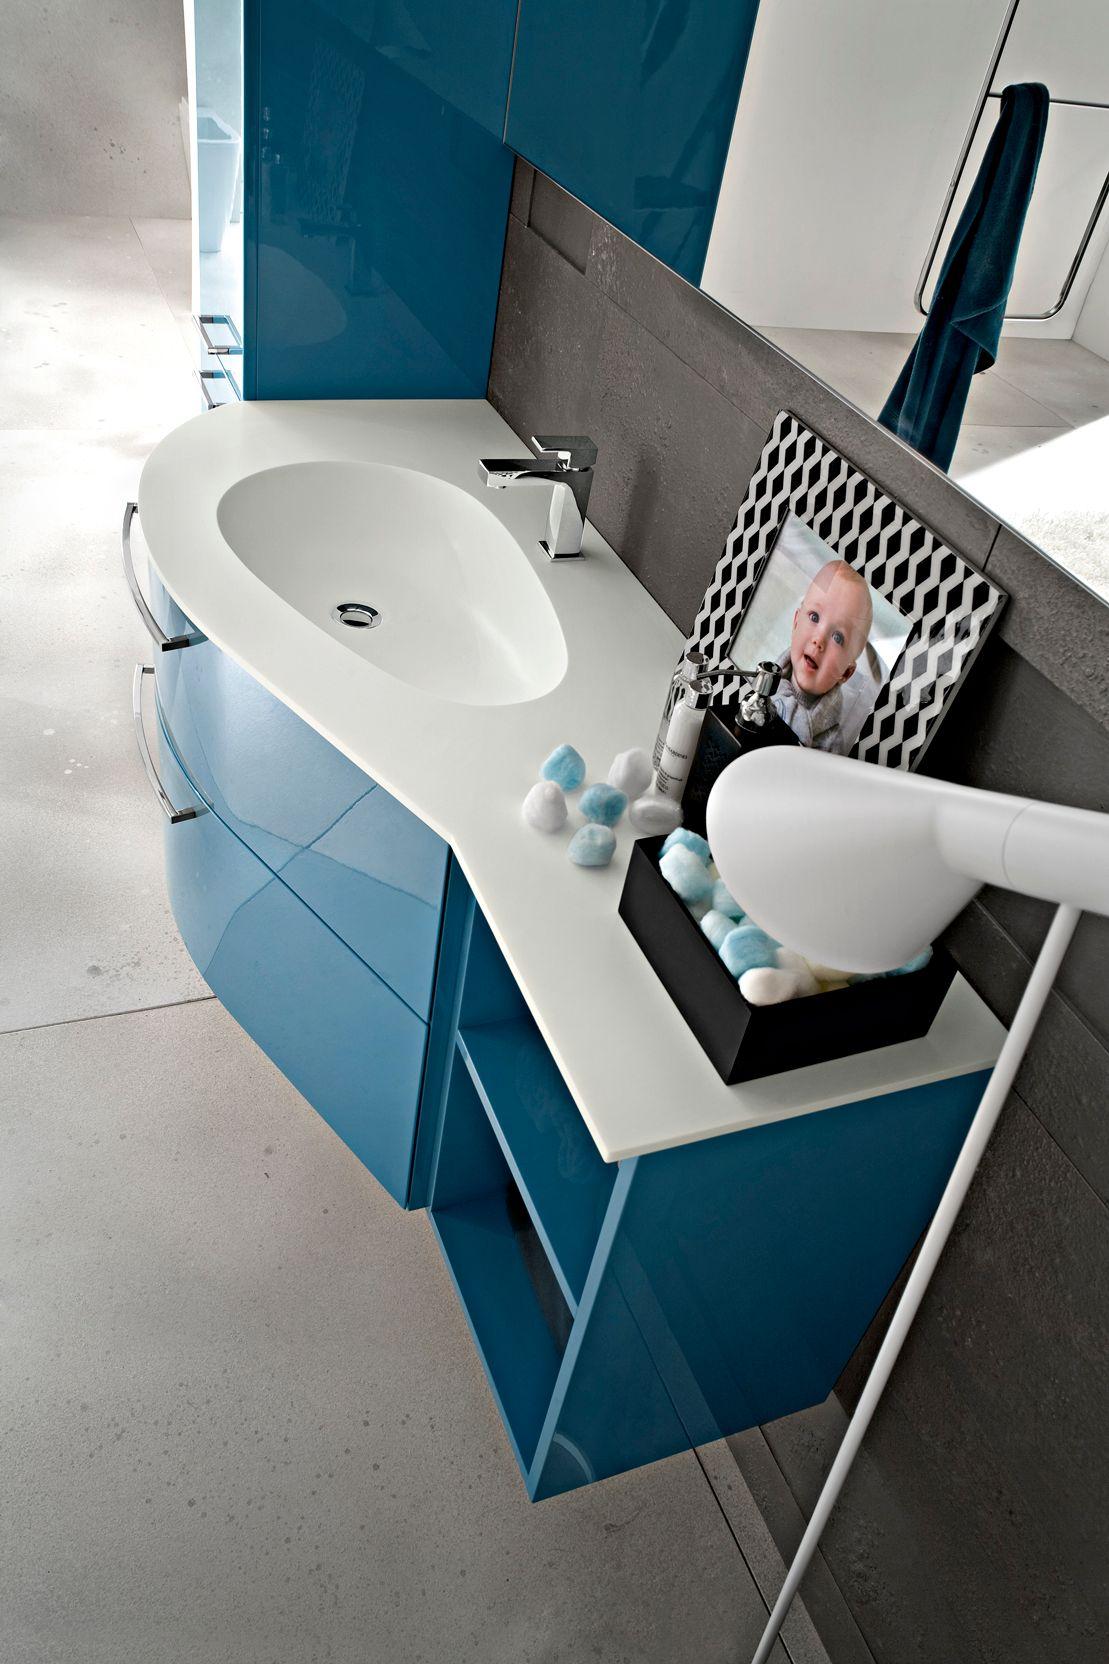 Imagens de #27475B Móvel lavatório suspenso com espelho PLAY Móvel lavatório lacado  1109x1664 px 3384 Bloco Cad Lavatório Banheiro